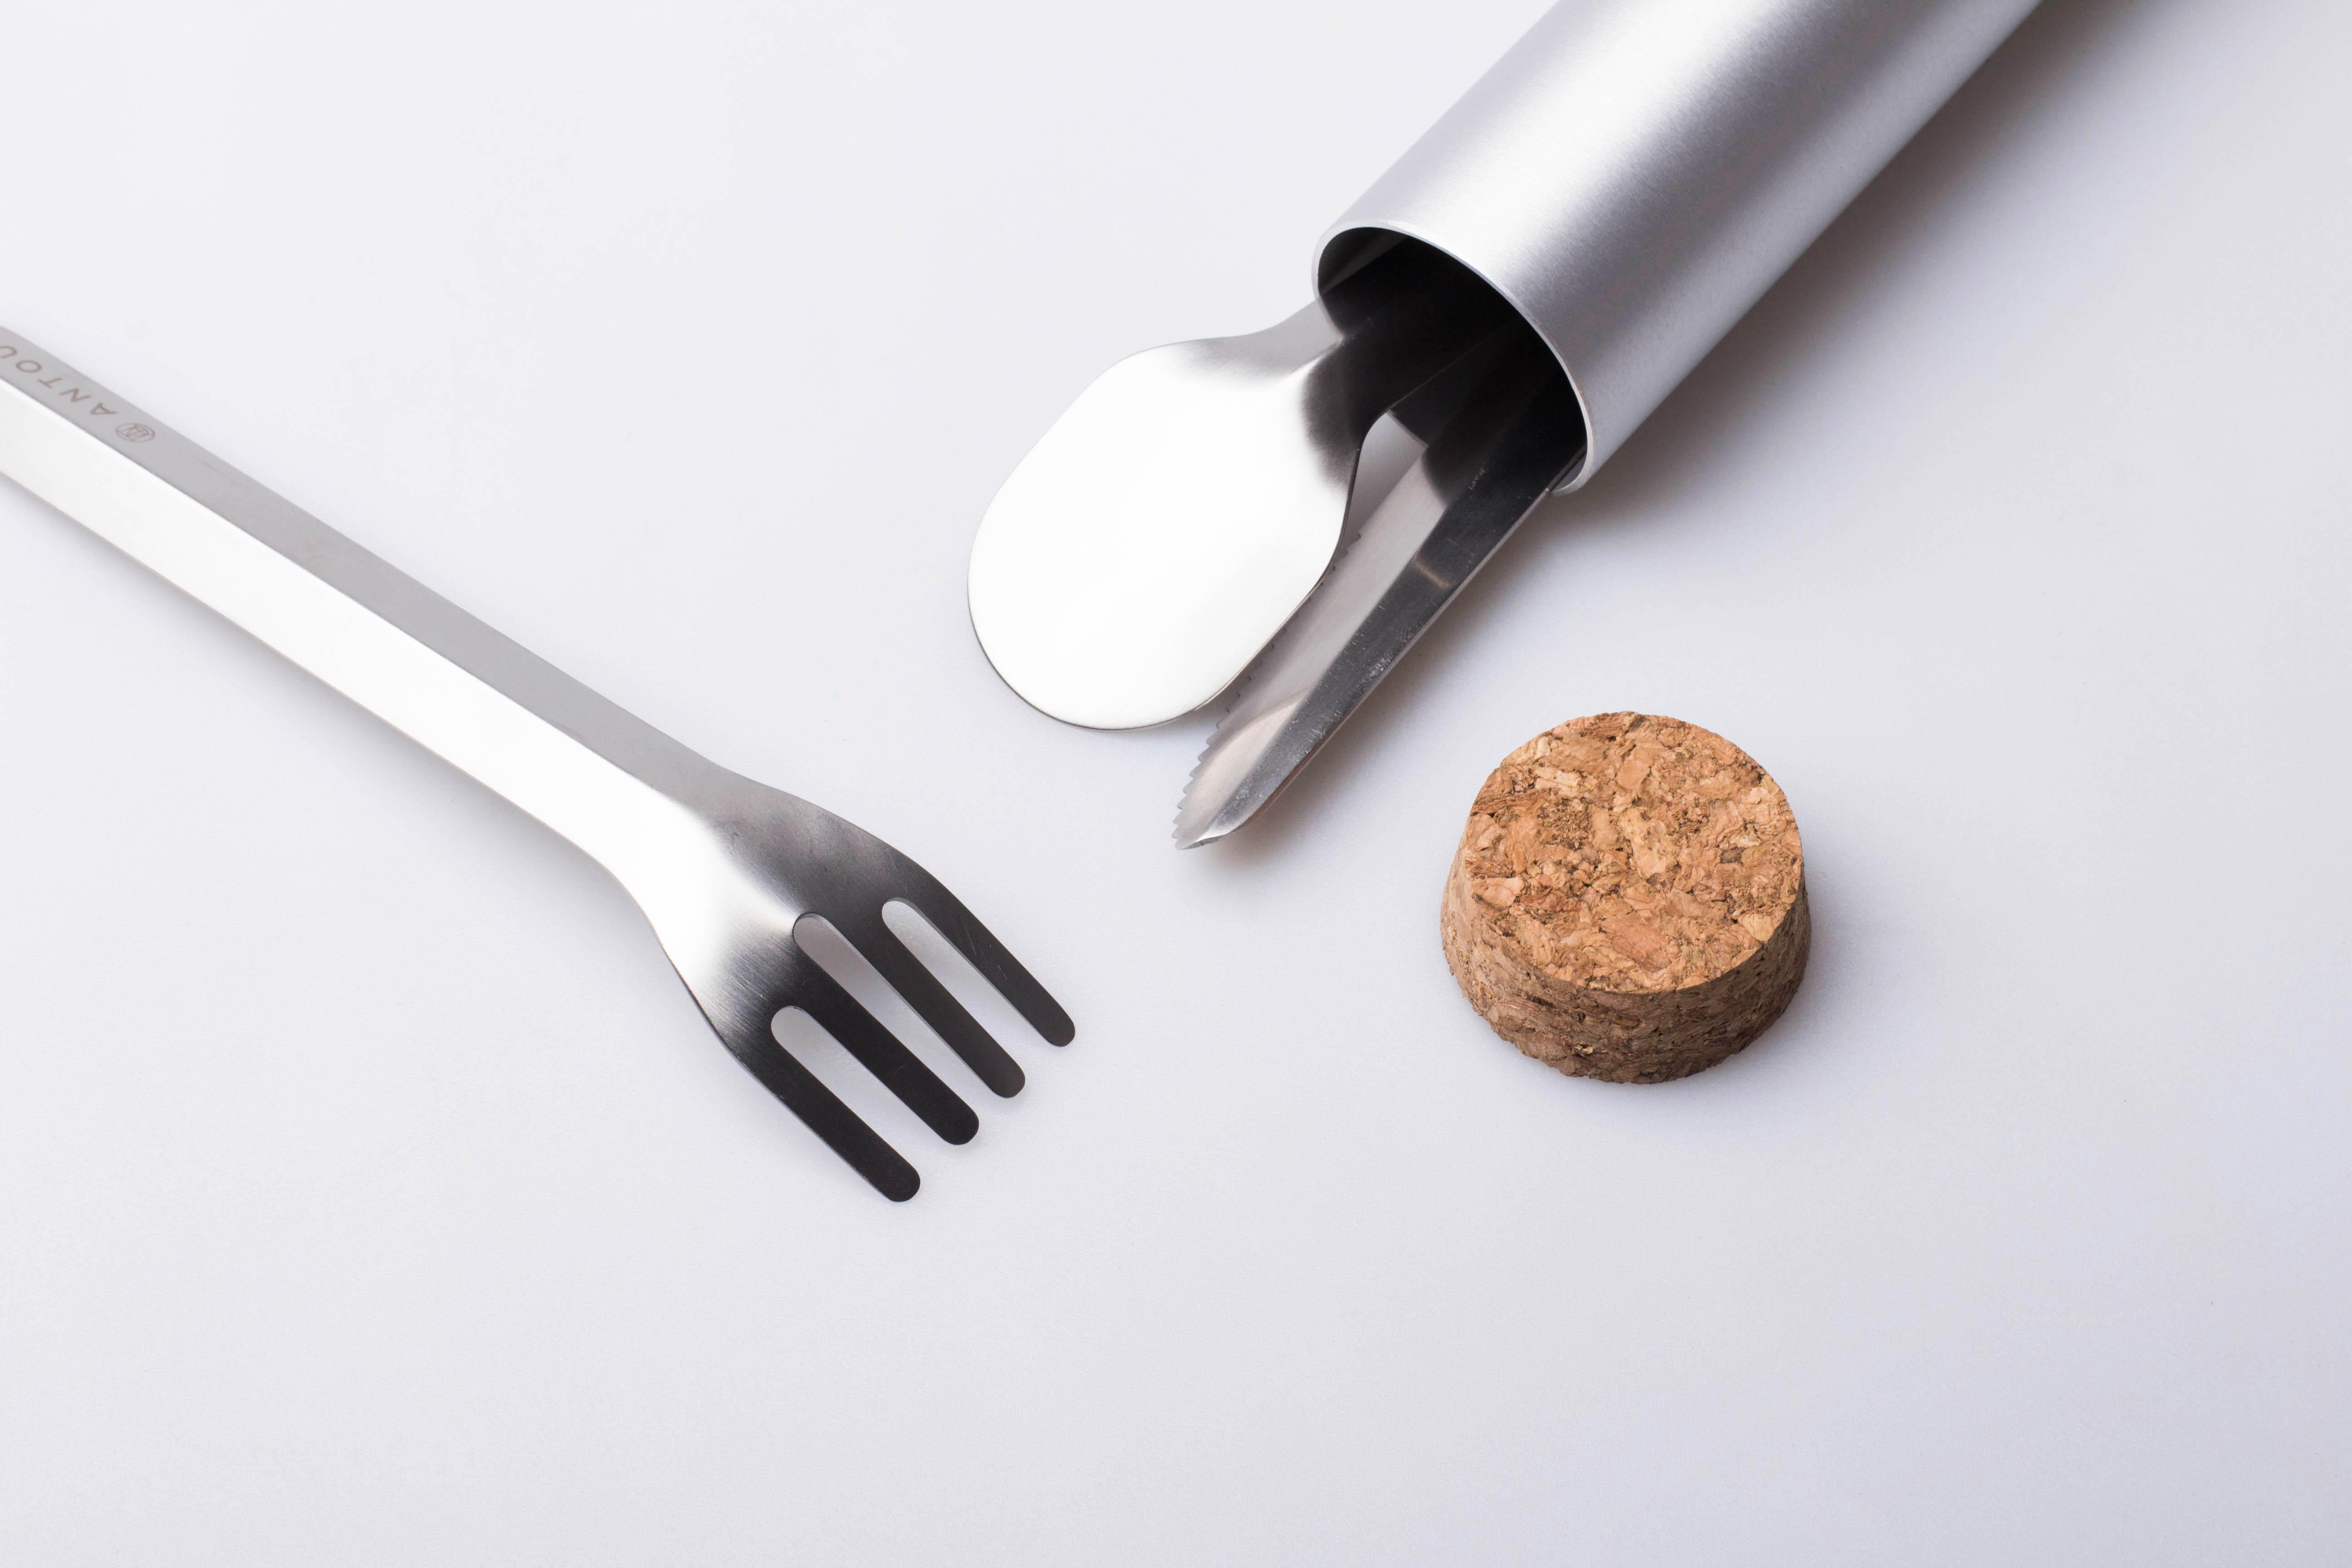 餐具組 / Tableware